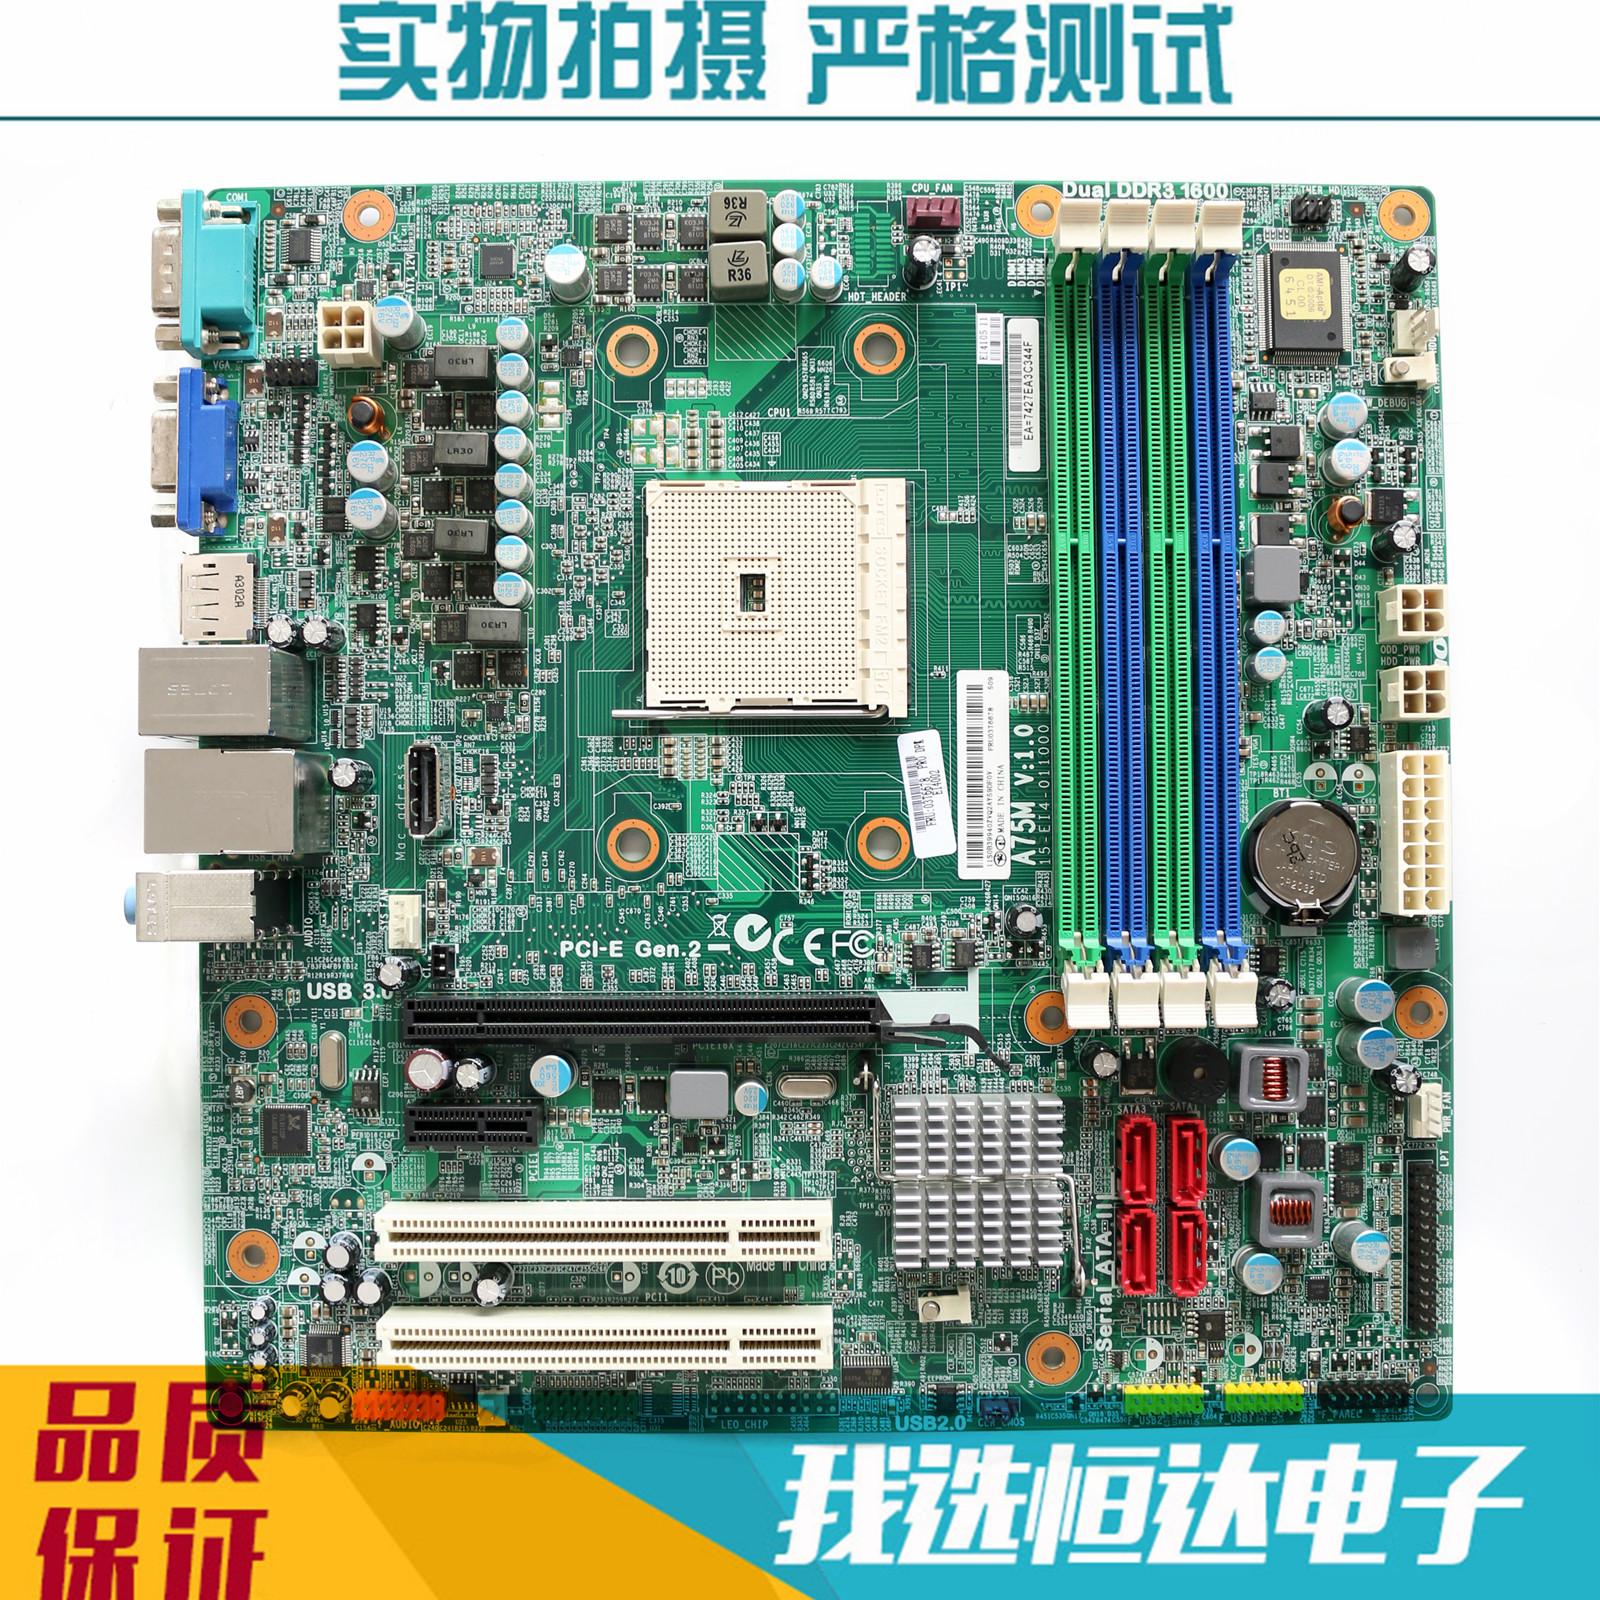 V1.0 LM2 AMD 03T6678 FM2接口 D3F2 USB3.0 全新联想A75M主板